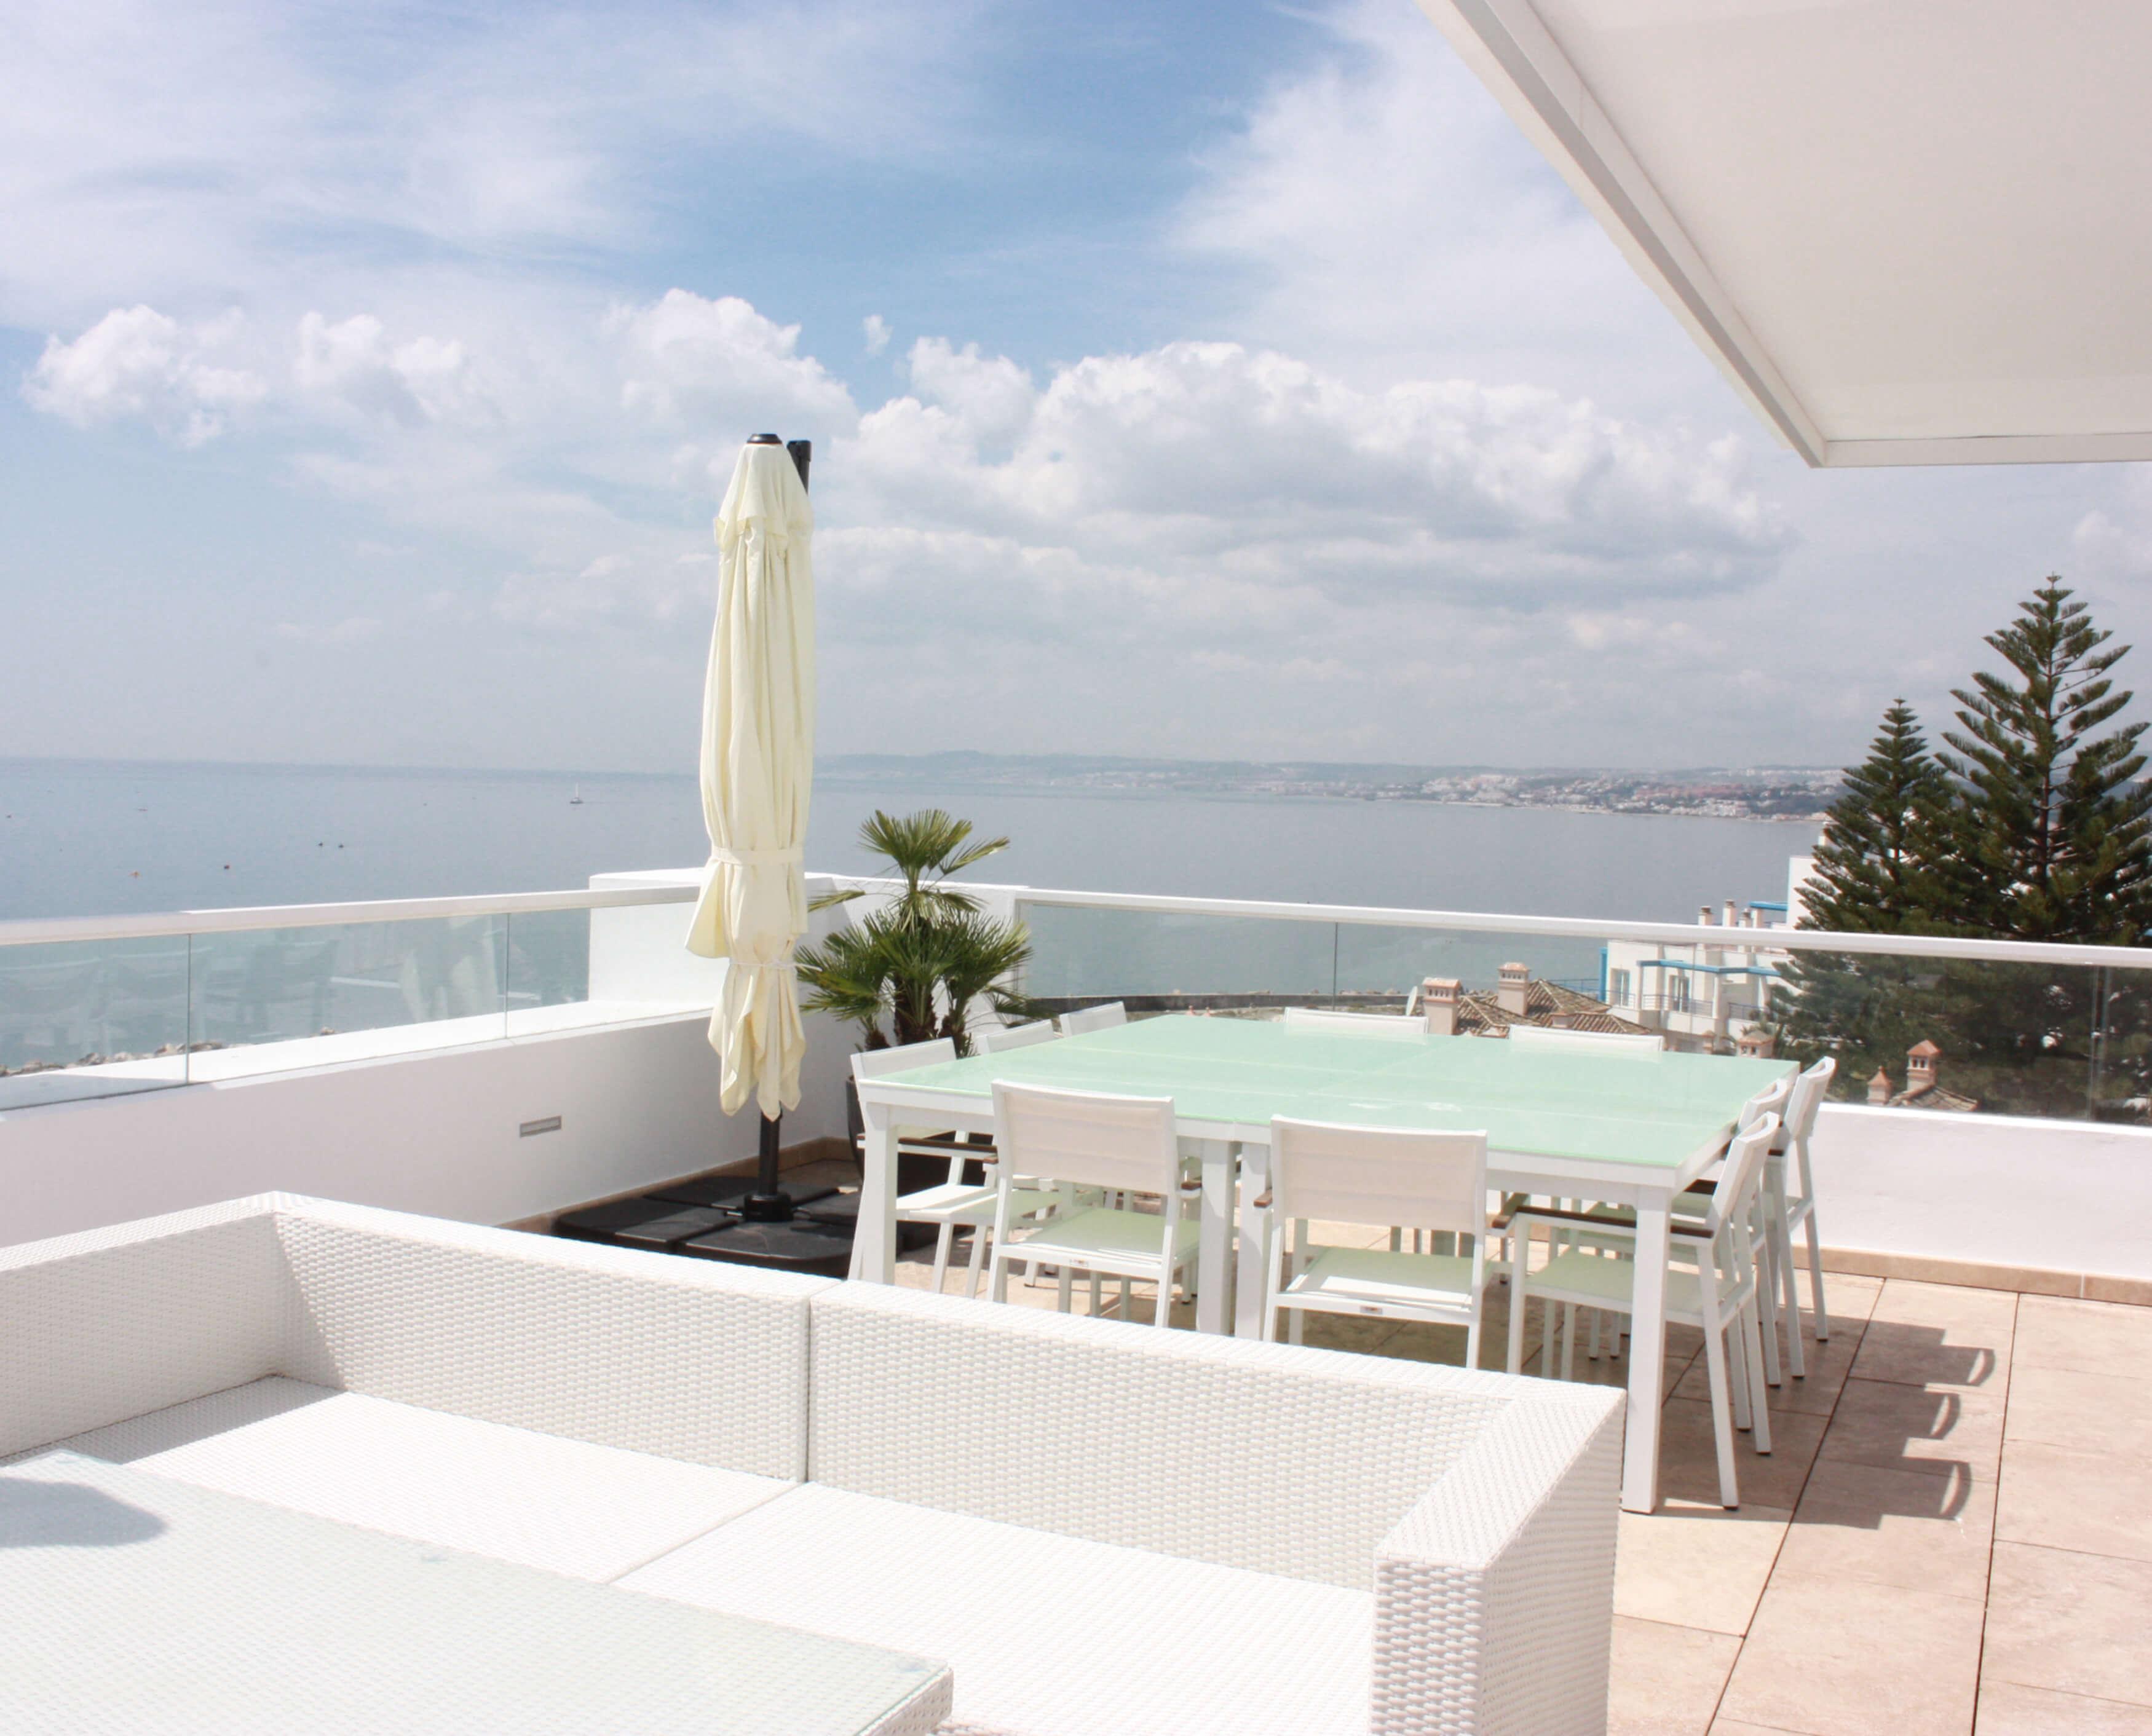 Vista terraza 1,Ático -Estepona, Costa del Sol